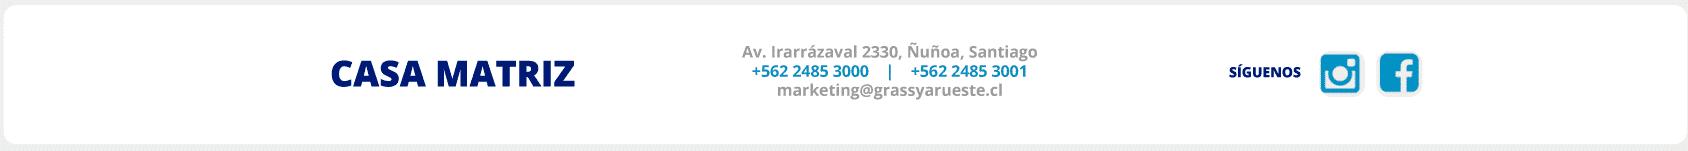 FOOTER-2020-GRASSYARUESTE_03